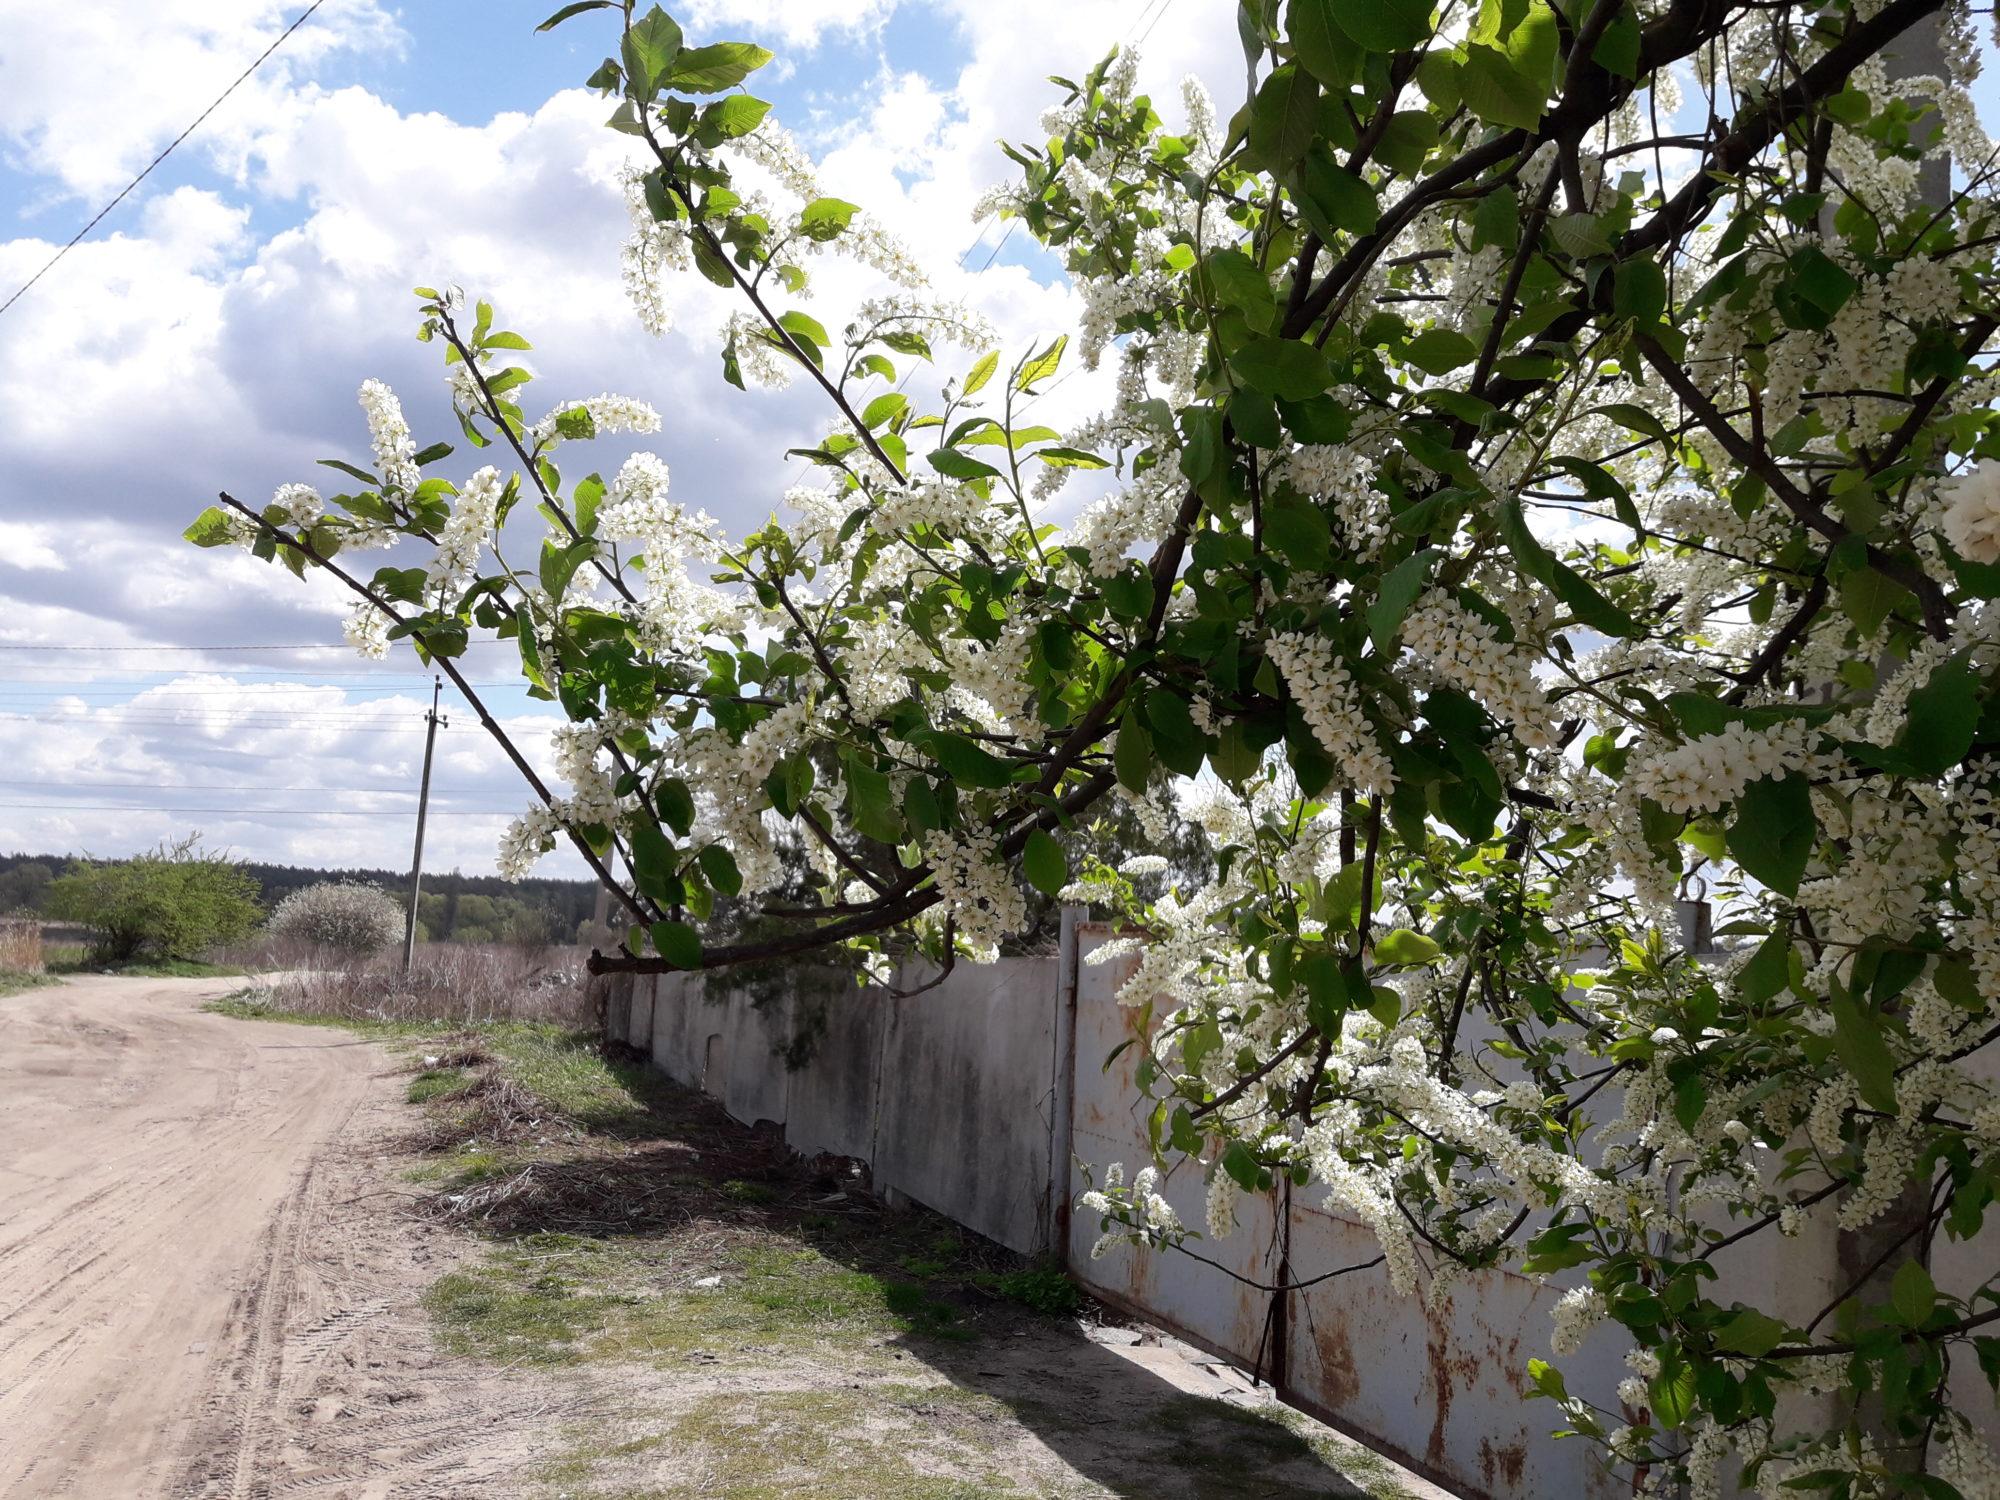 Ірпінь квітне: у місті настає пік цвітіння дерев та кущів (ФОТО) -  - 20200427 124147 2000x1500